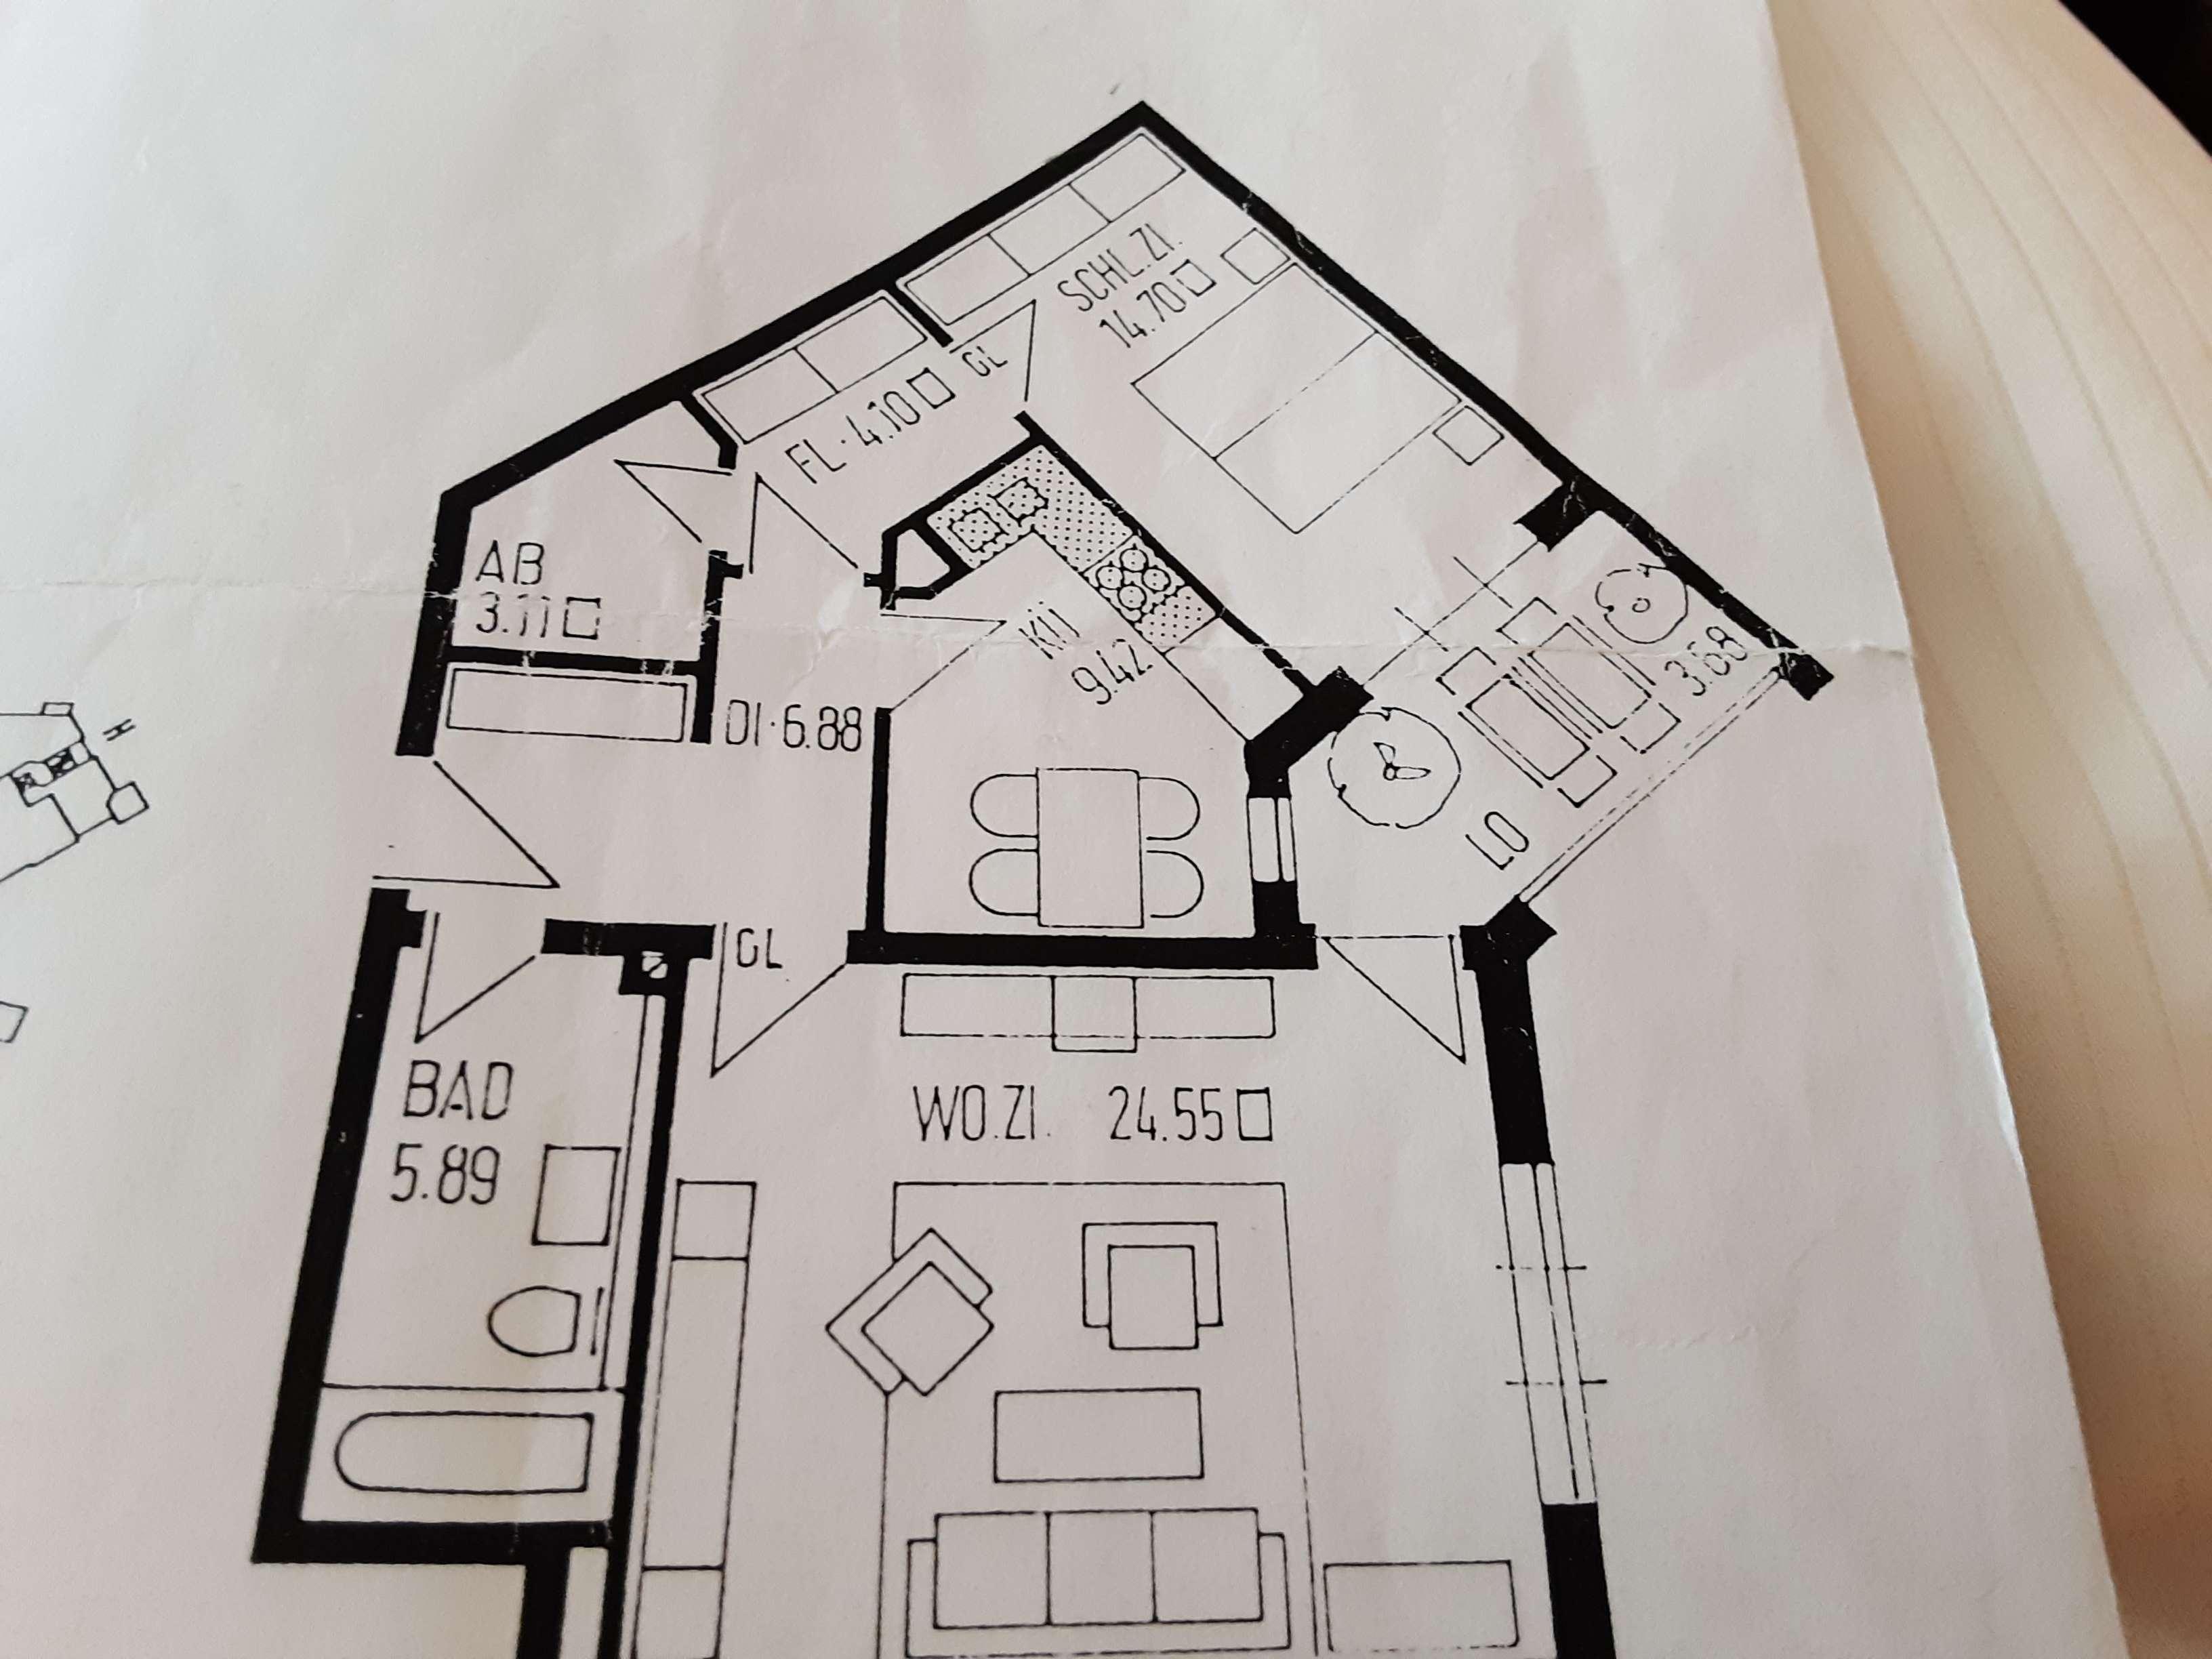 Schöne 2 Zimmerwohnung befristet für 3 Monate zu vermieten in Universitätsviertel (Augsburg)